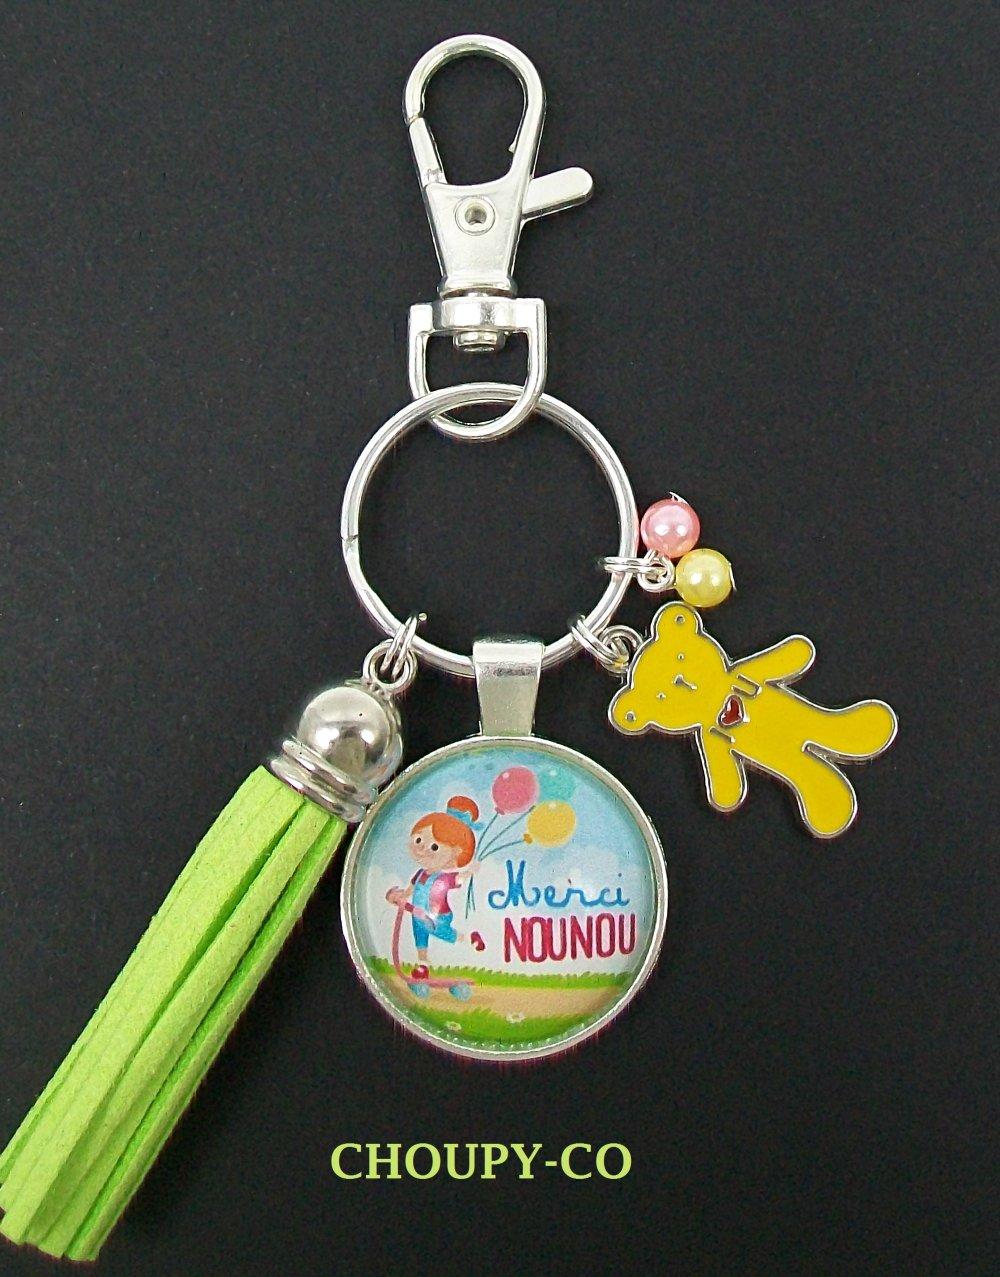 Porte-clés, bijou de sac, cabochon * merci nounou * fillette, ballon, perles,pompon, argenté, cadeau pour nounou.